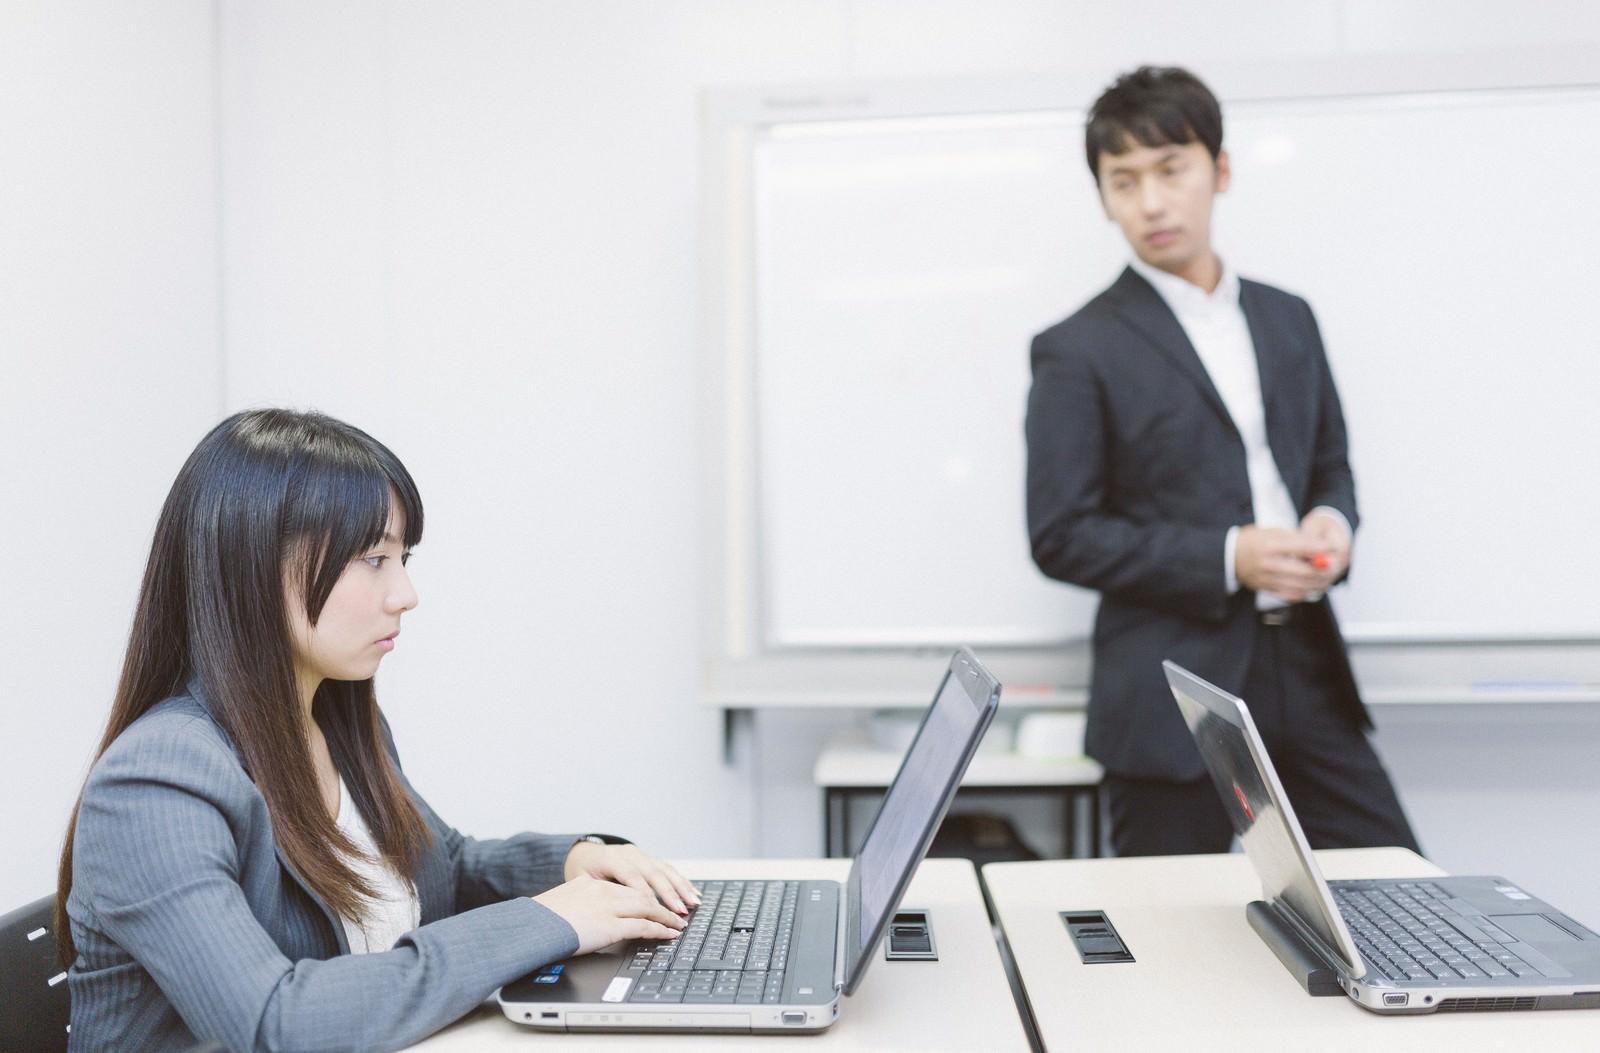 「アフター5、パソコン教室に通う新入社員」の写真[モデル:大川竜弥 Lala]